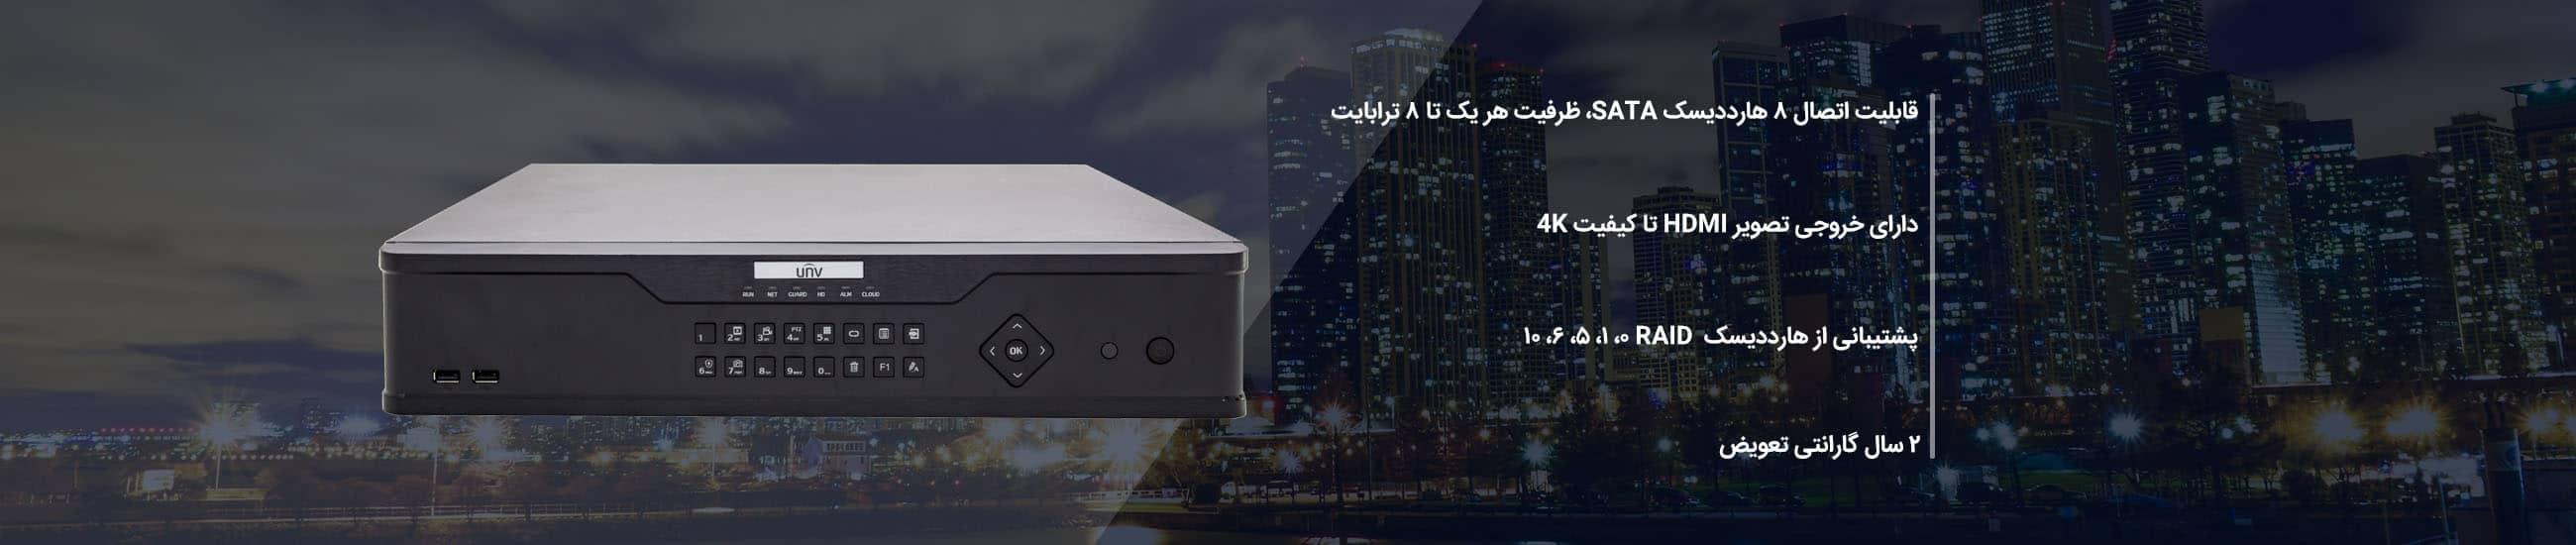 دستگاه ضبط تصویر تحت شبکه مدل NVR308-32E